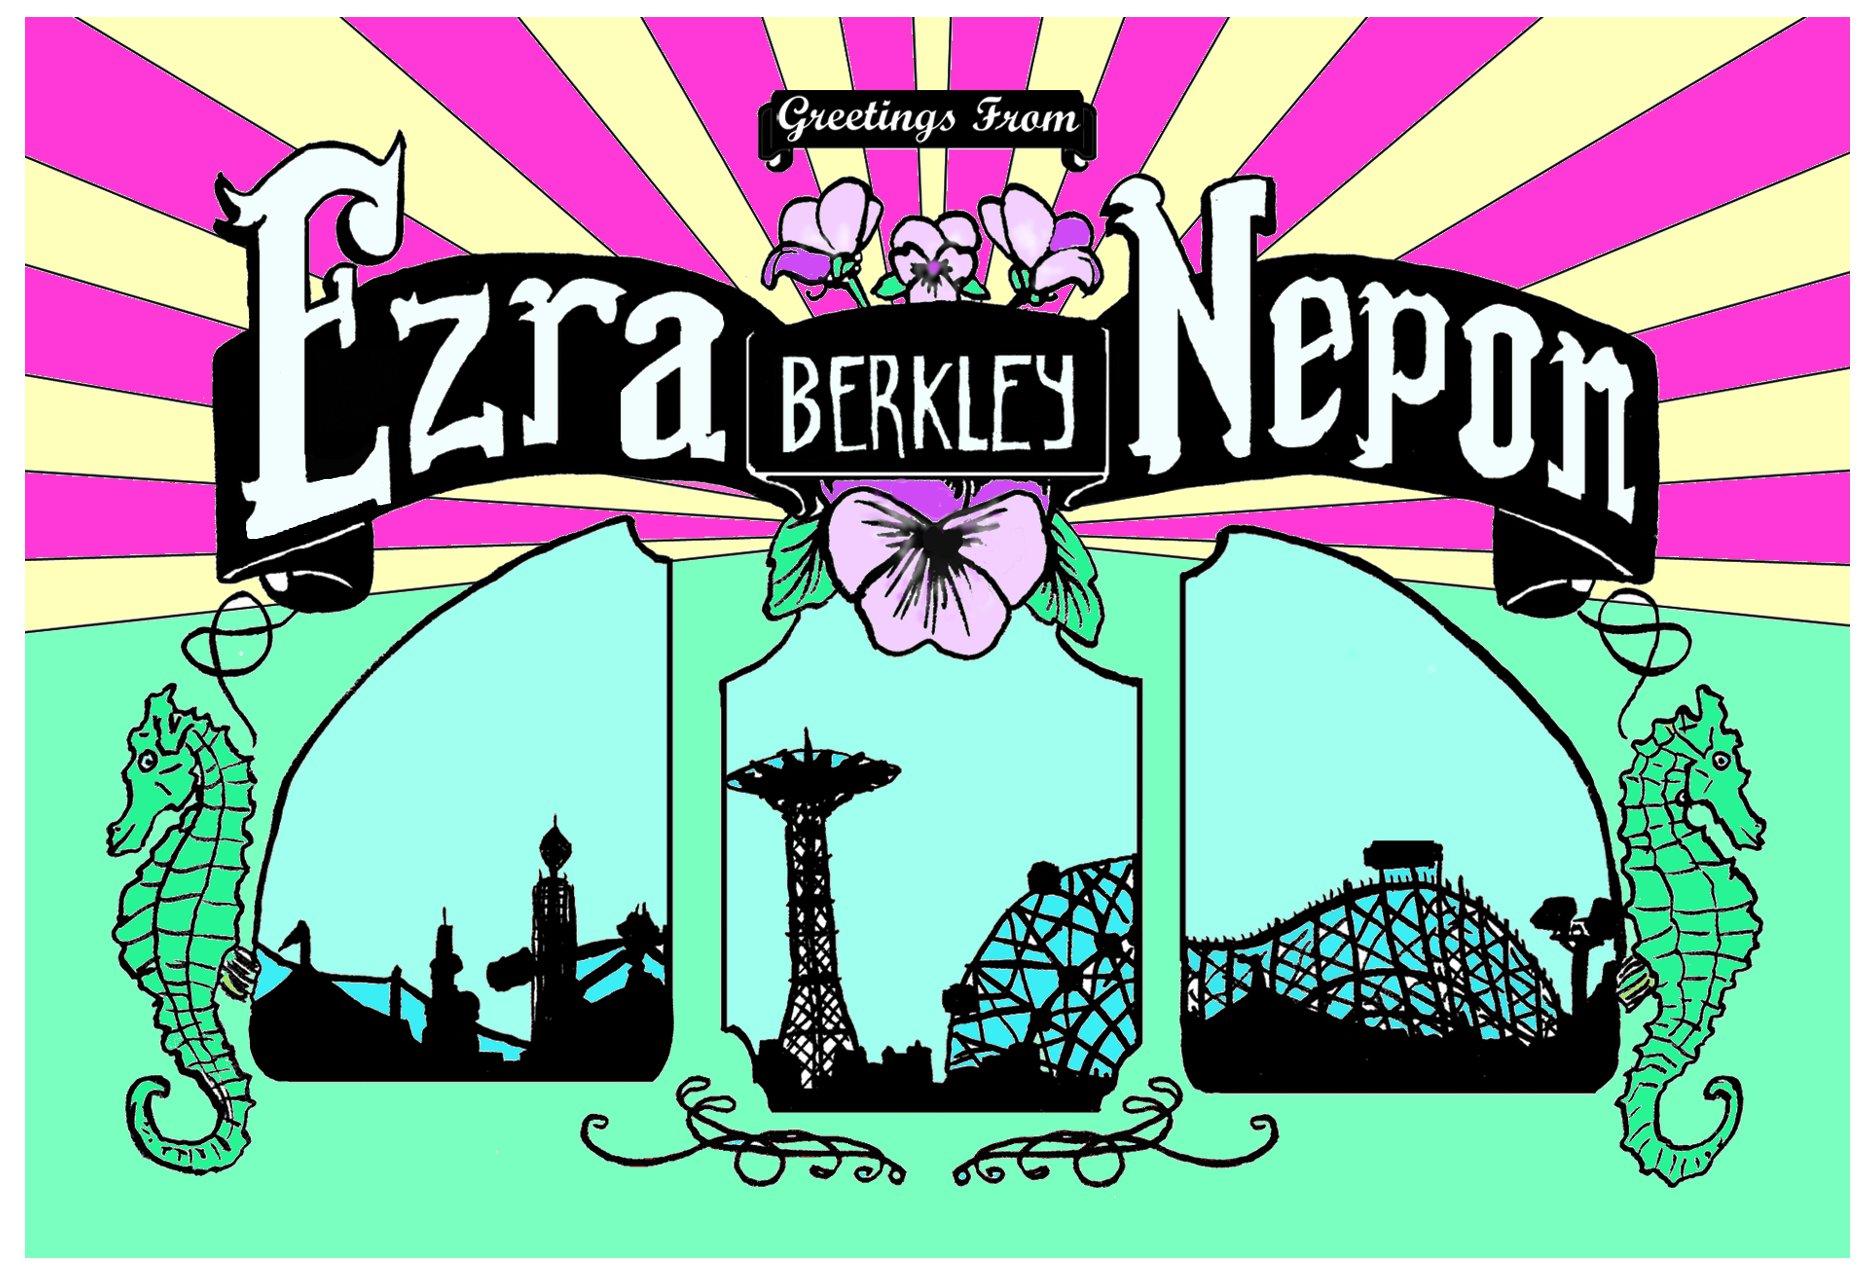 Ezra Berkley Nepon